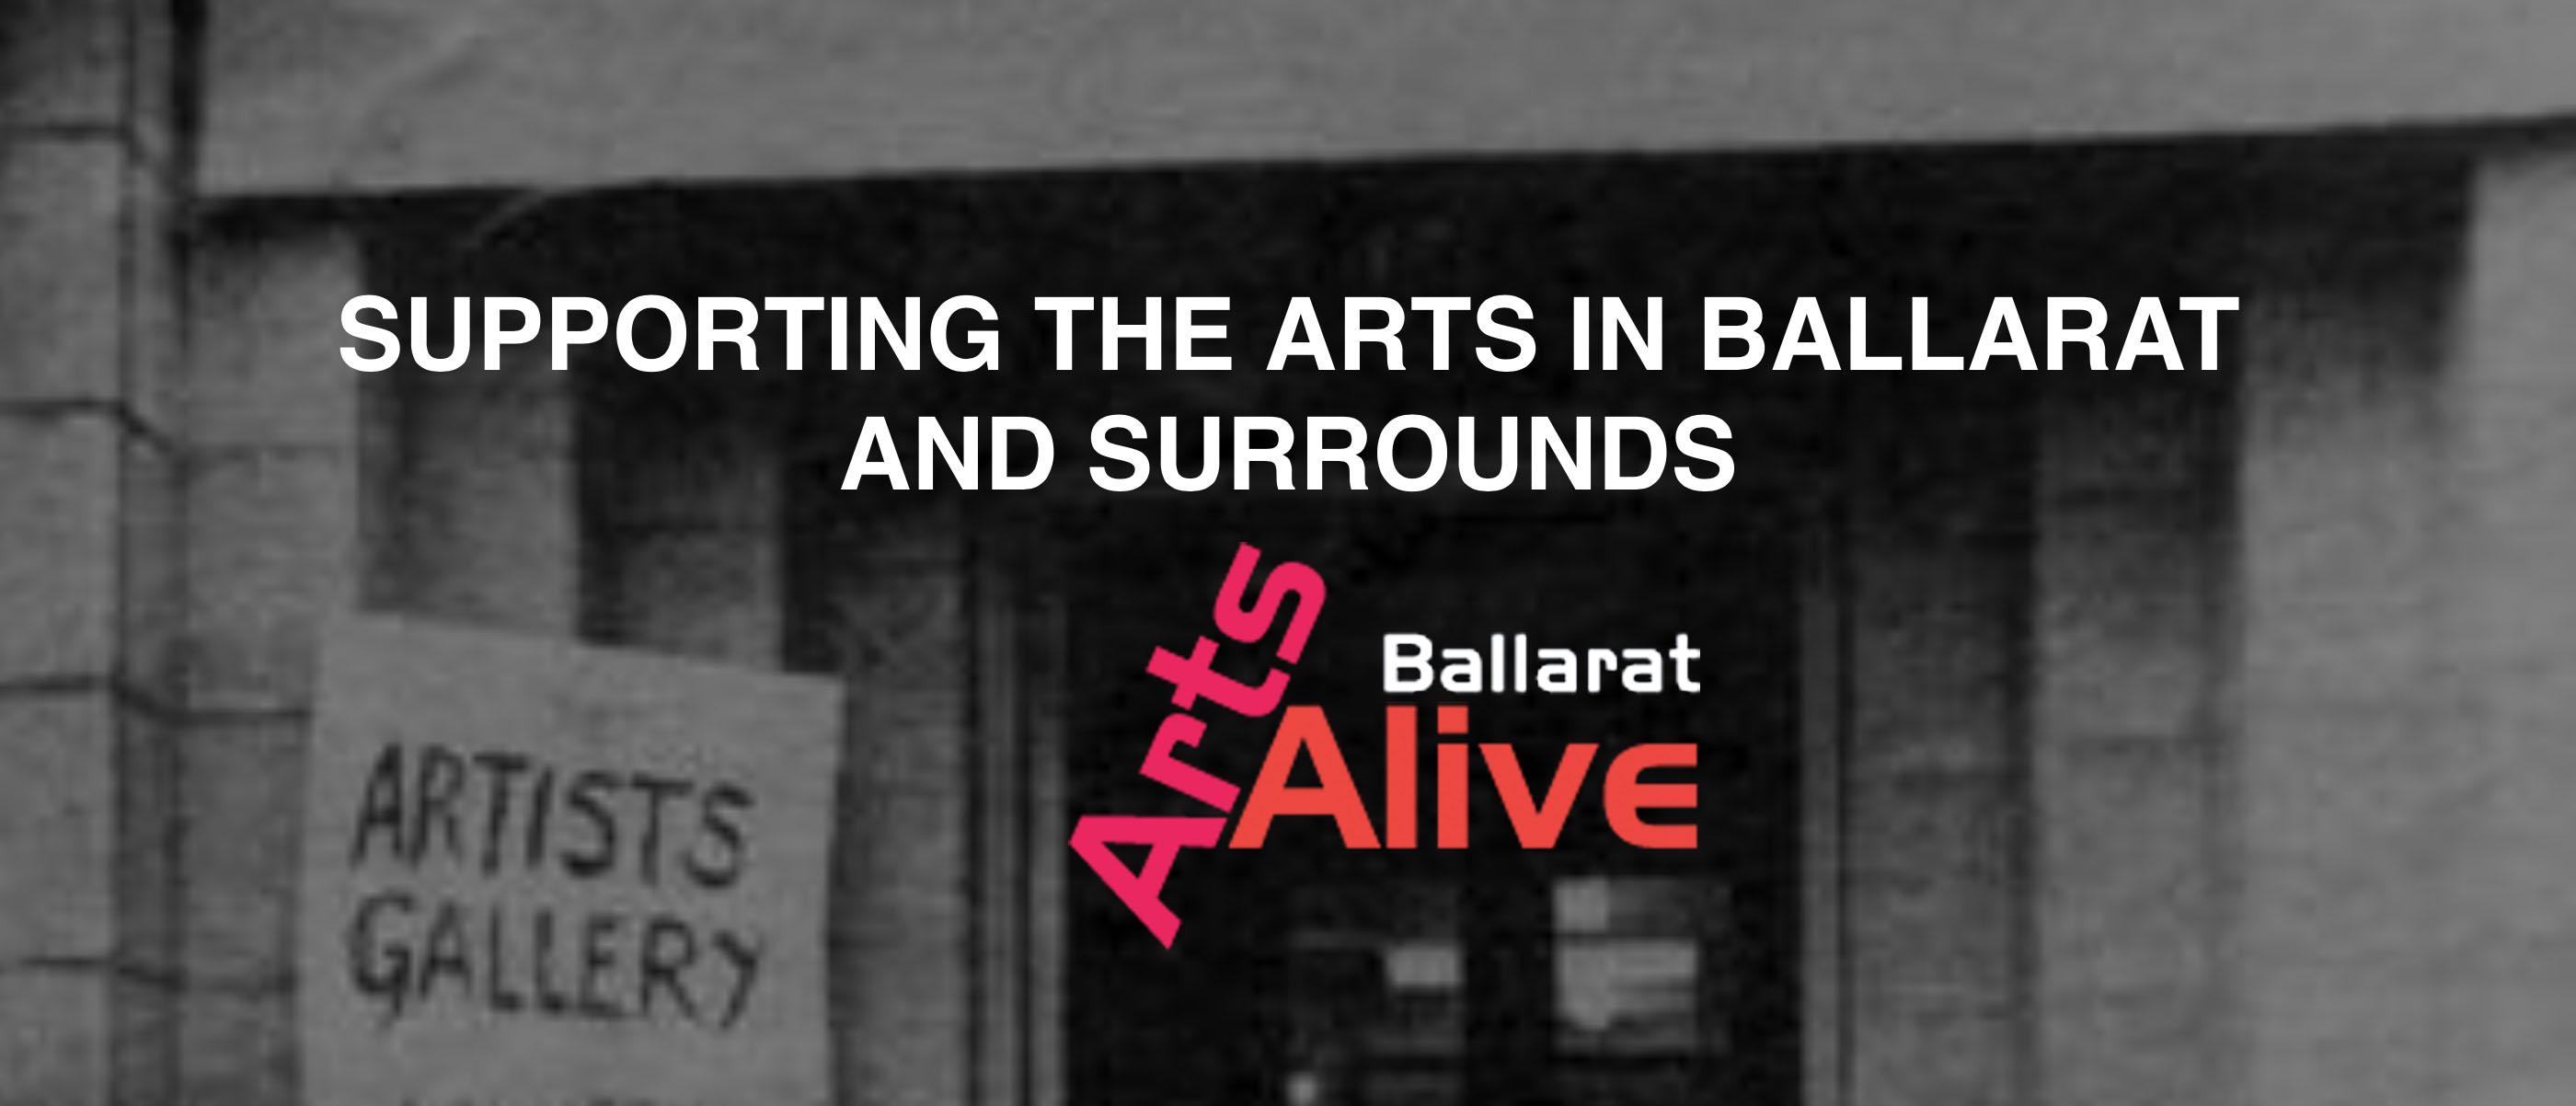 Ballarat Arts Alive artist organisations ballarat Central Highlands